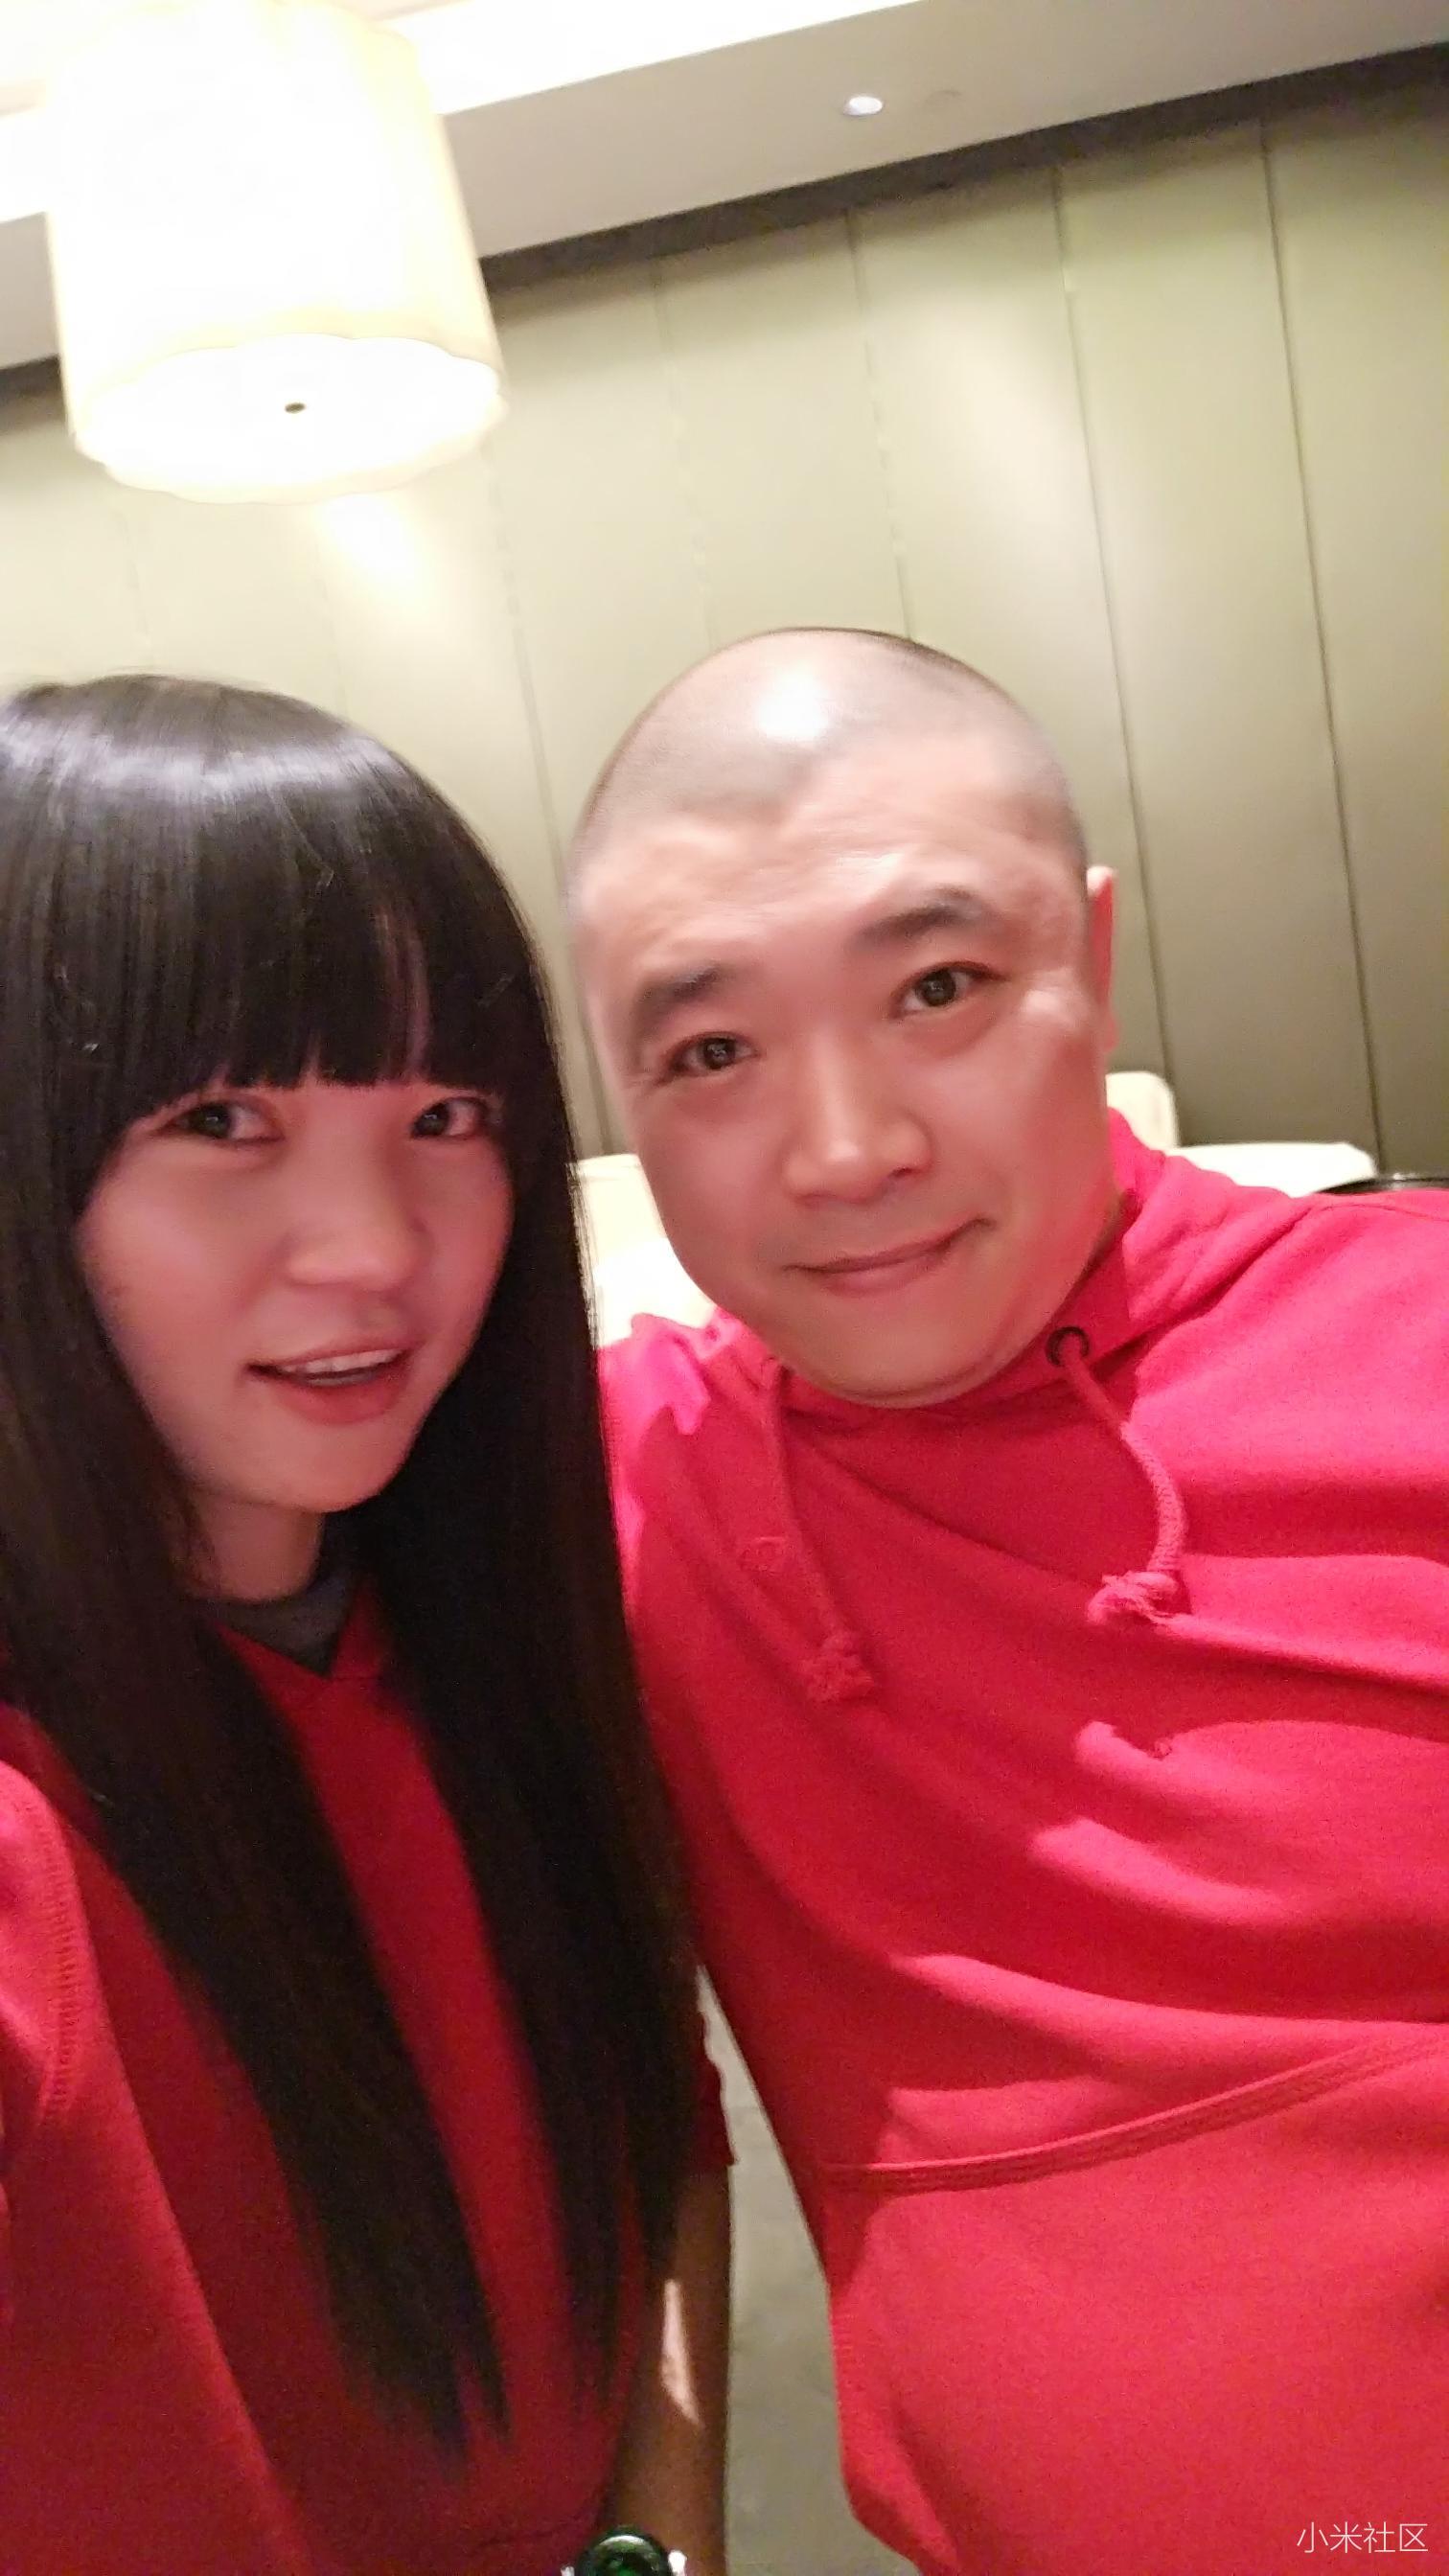 小米袁宝_米粉爱自拍:遇见就是幸福 - 小米社区官方论坛